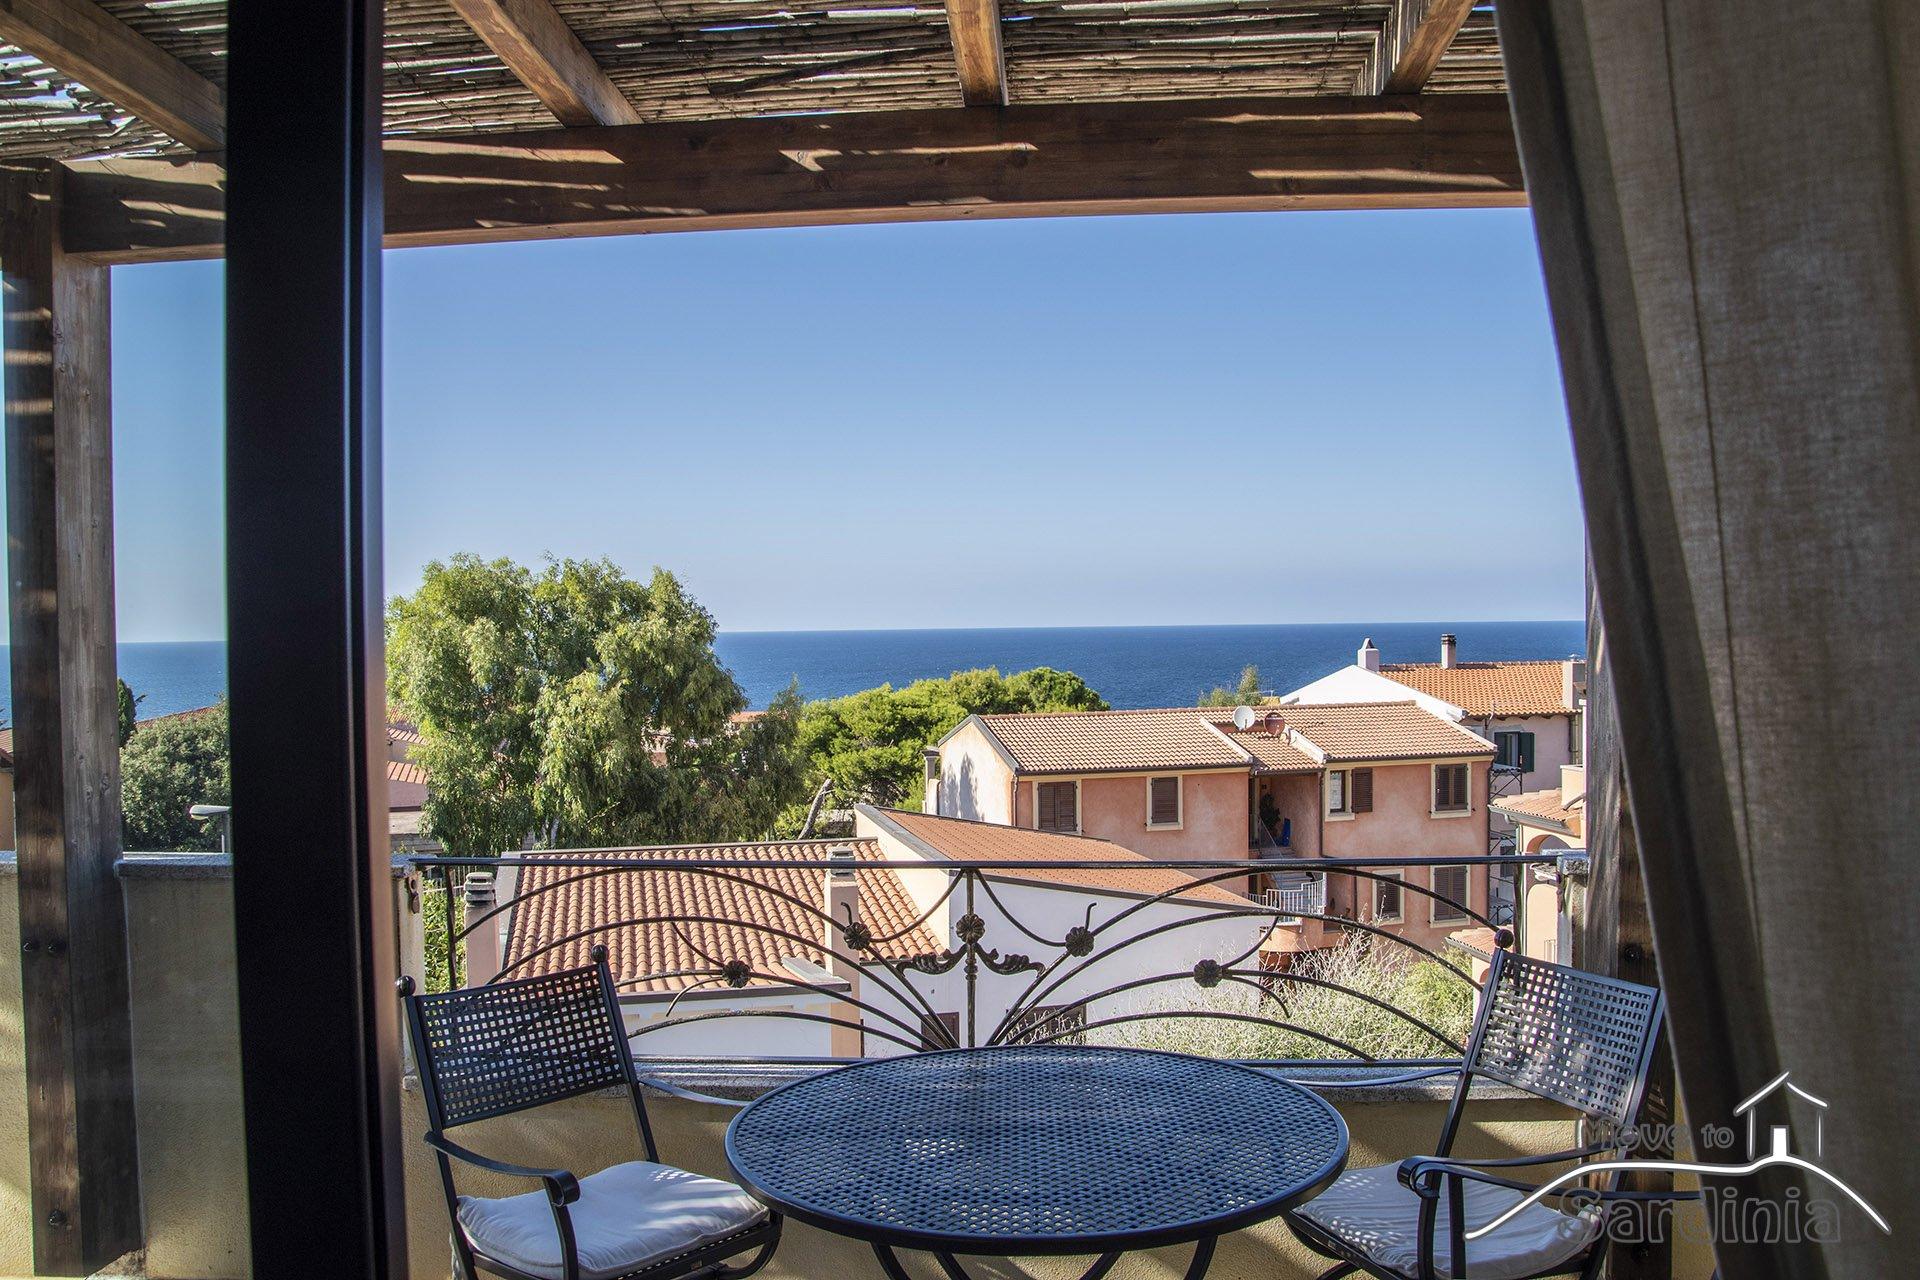 Sea view apartment for sale in Valledoria, La Ciaccia, Property code LCC-PI-T1